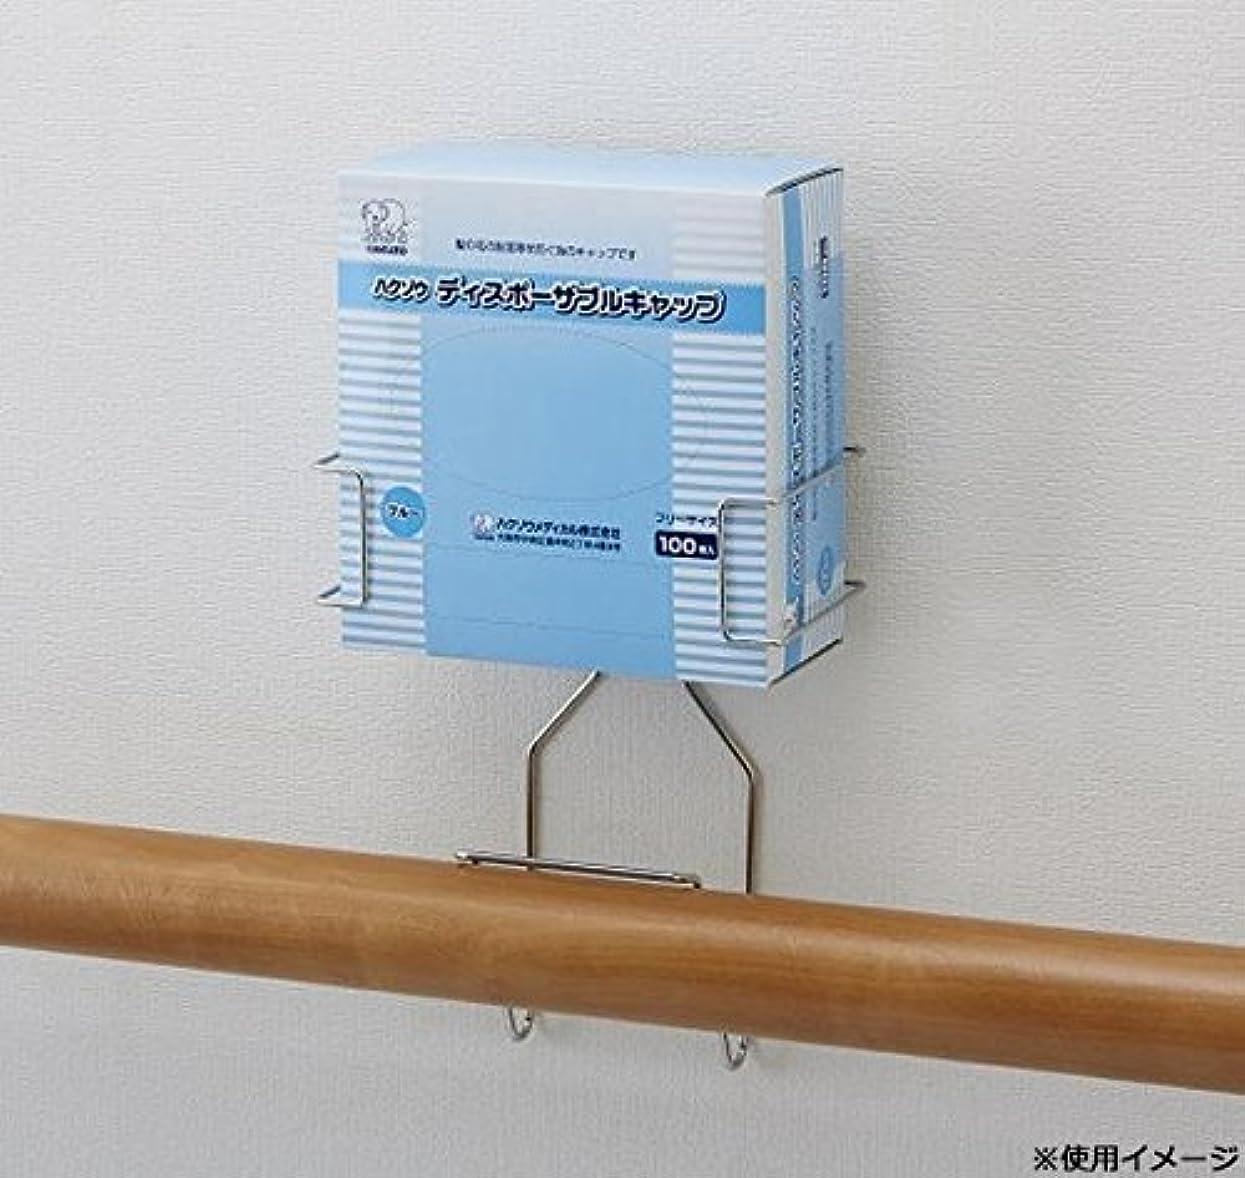 基本的な風が強い空港ハクゾウメディカル PPE製品用ホルダーSE(手すり用タイプ) エプロン?グローブタイプ 3904992